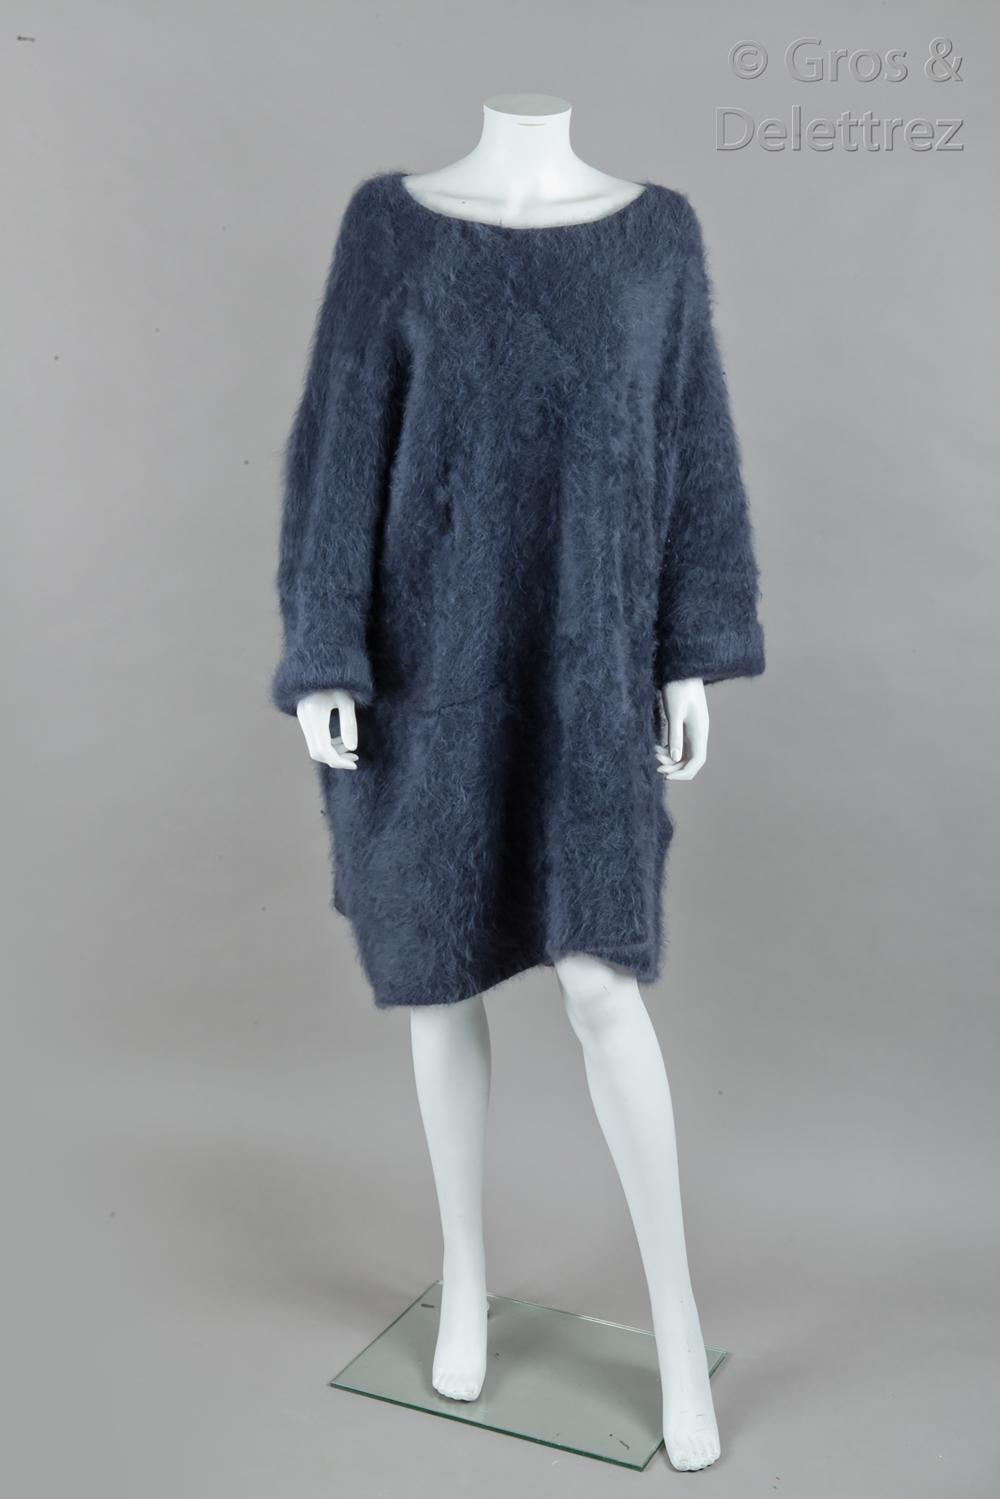 Louis VUITTON par Marc Jacobs - Collection Prêt-à-Porter Automne/Hiver 2007-2008 « La jeune fille au sac Monogram - Hommage à Vermeer » - Variation passage n°9